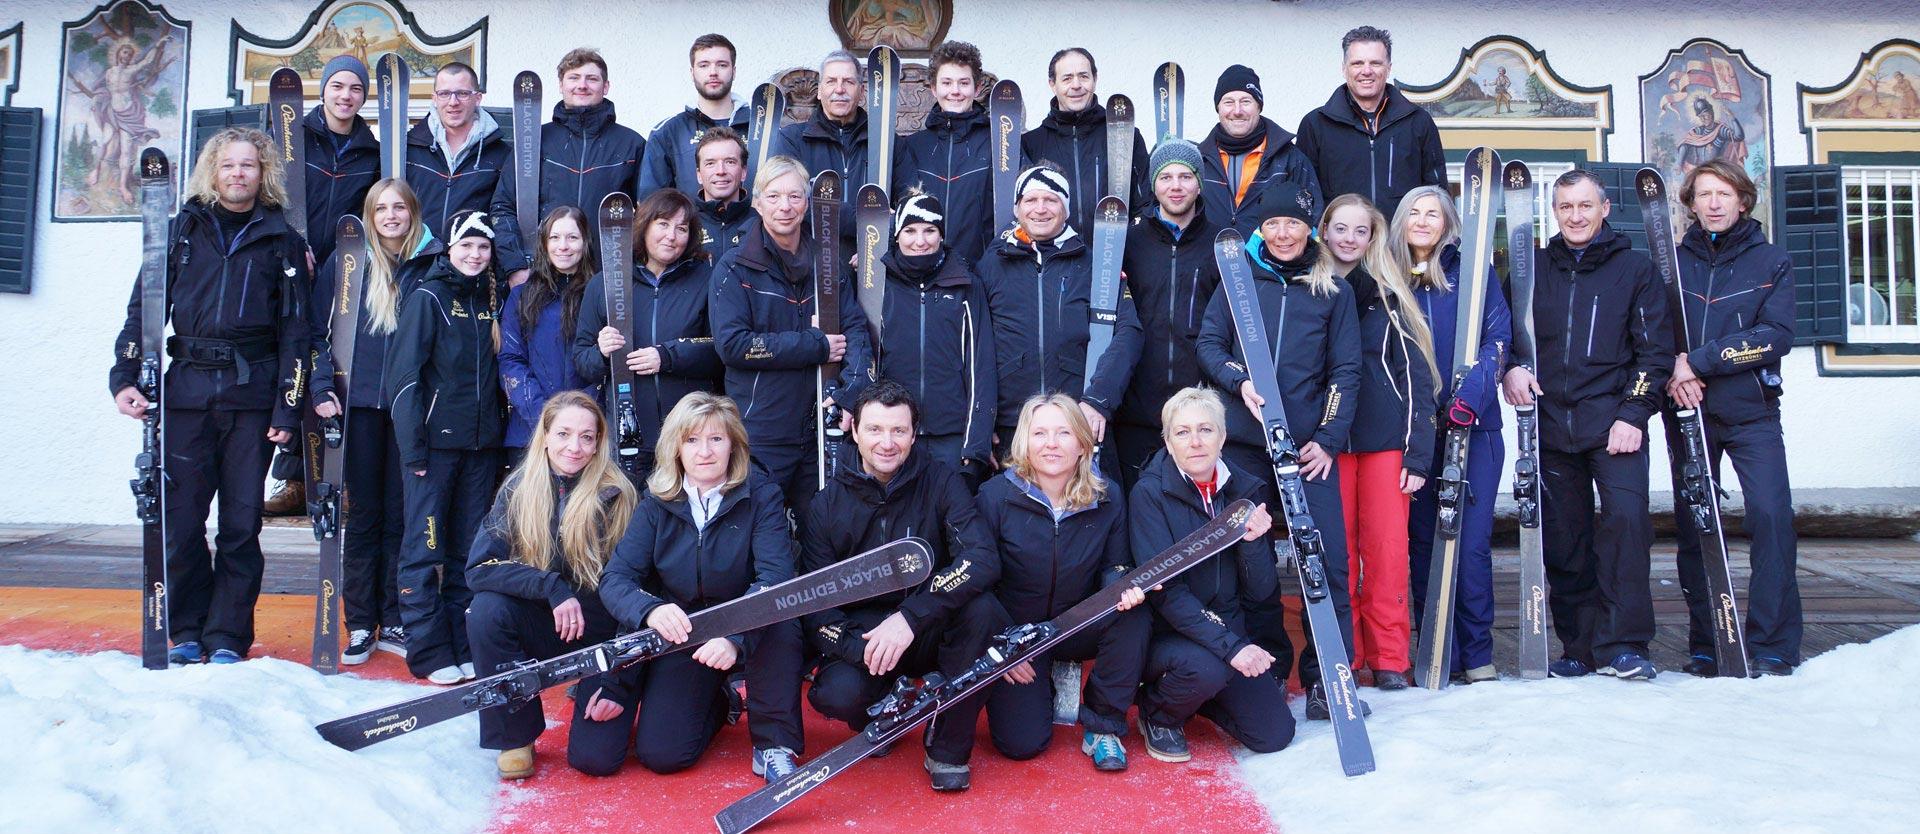 skischule-stanglwirt-team-12